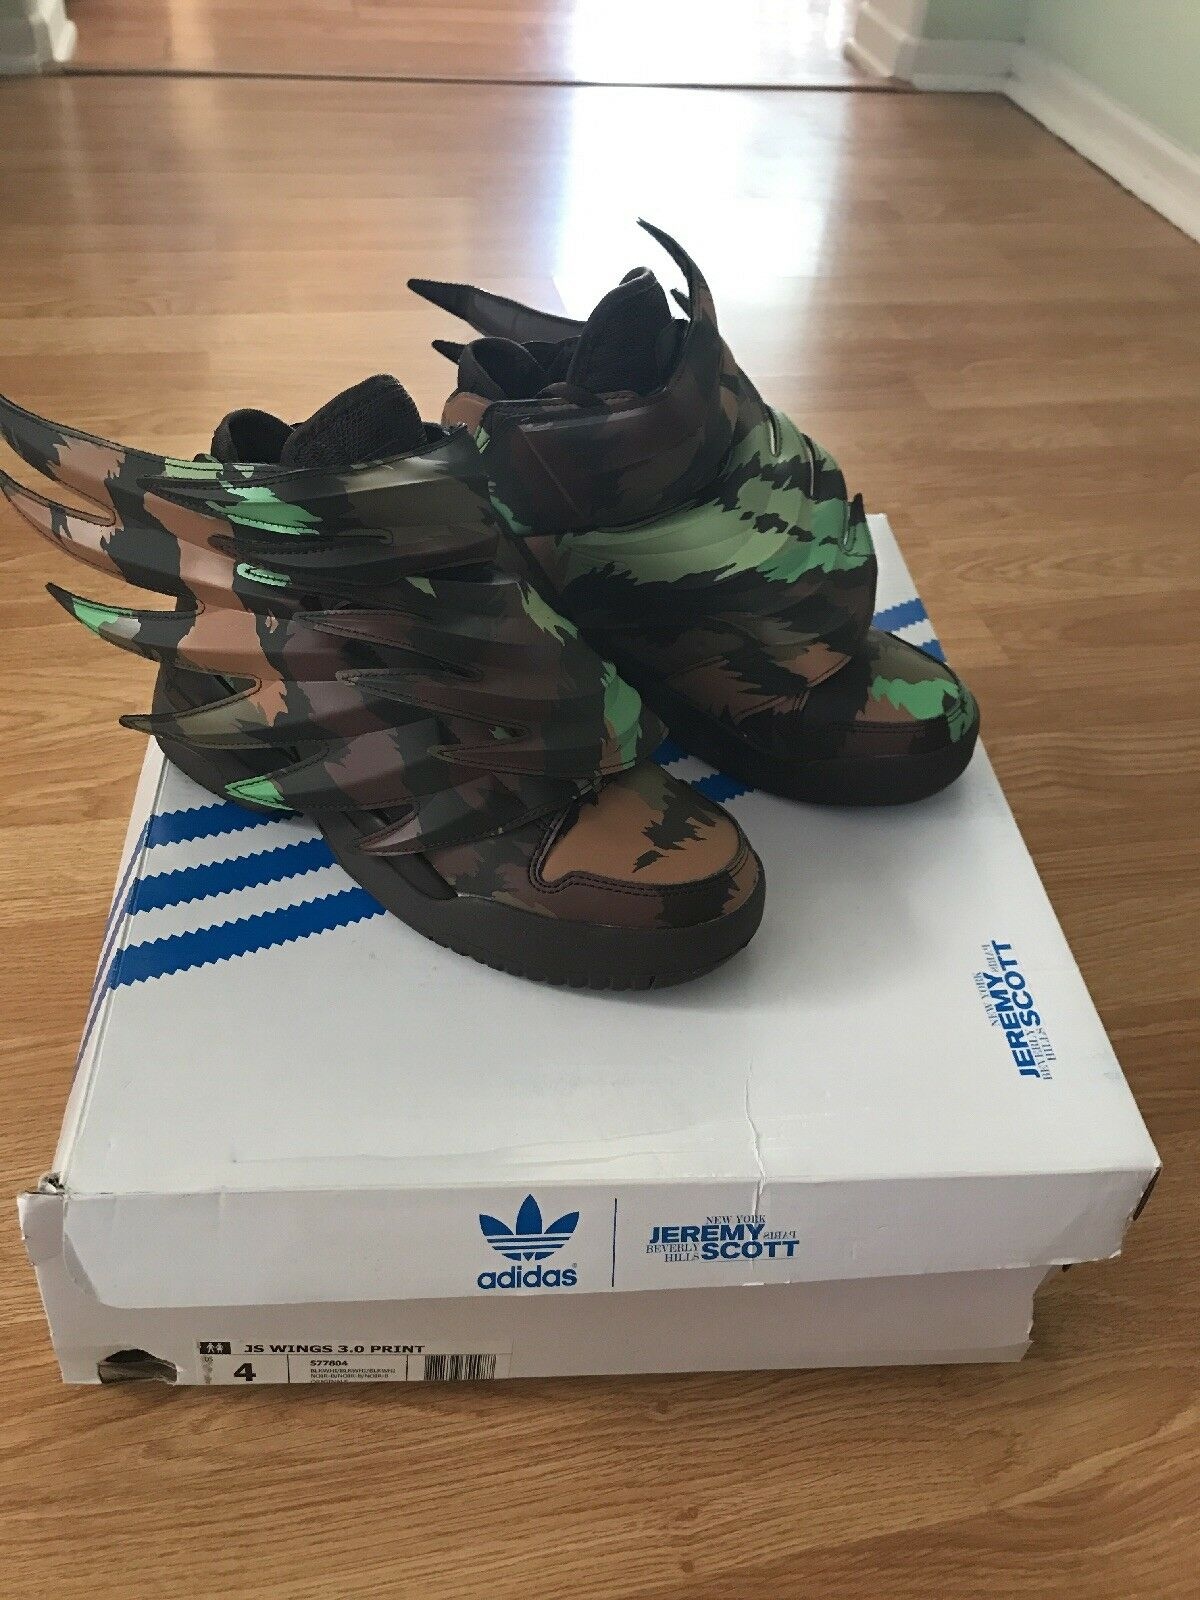 Adidas Original Jermey Scott Wings 3.0 Camo Sauvage Size 4